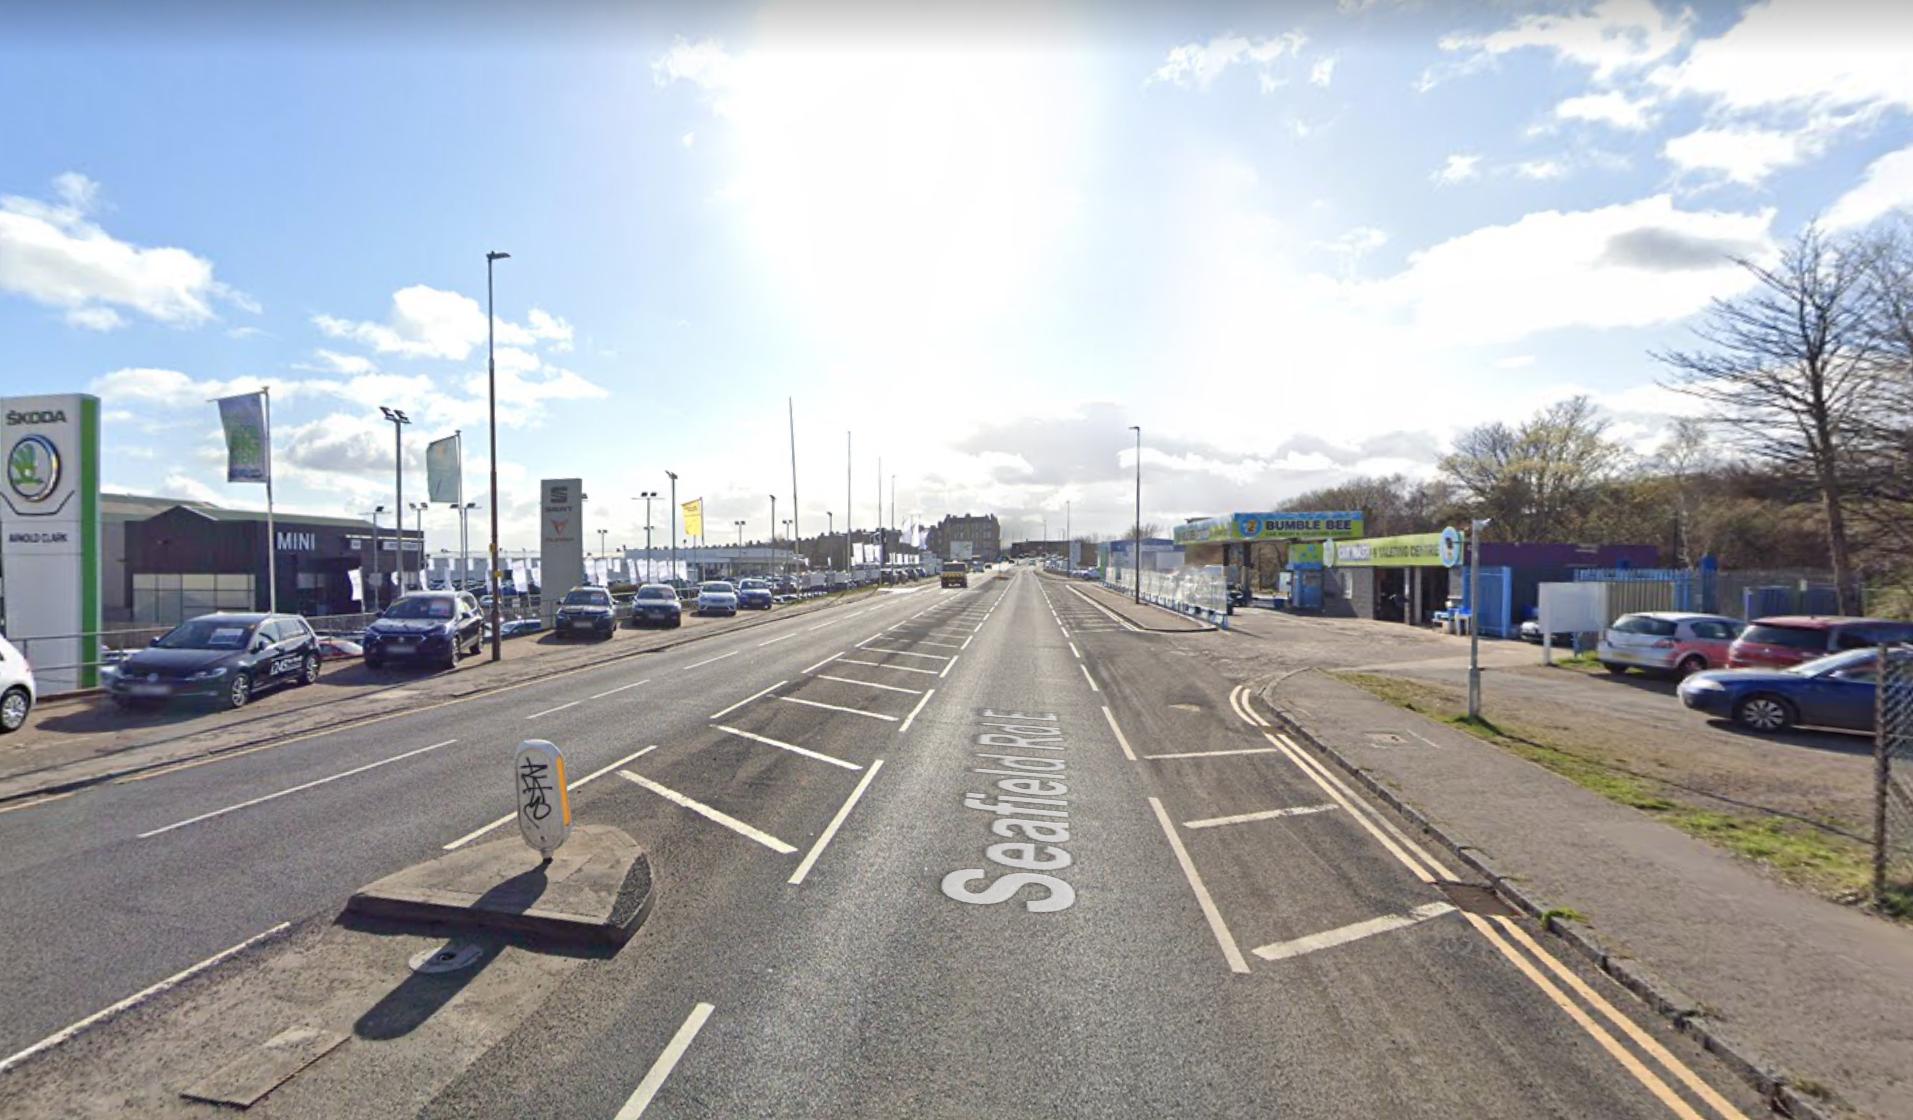 Seafield Road Edinburgh: Pensiunan Skotlandia dalam kondisi kritis setelah dua kecelakaan mobil